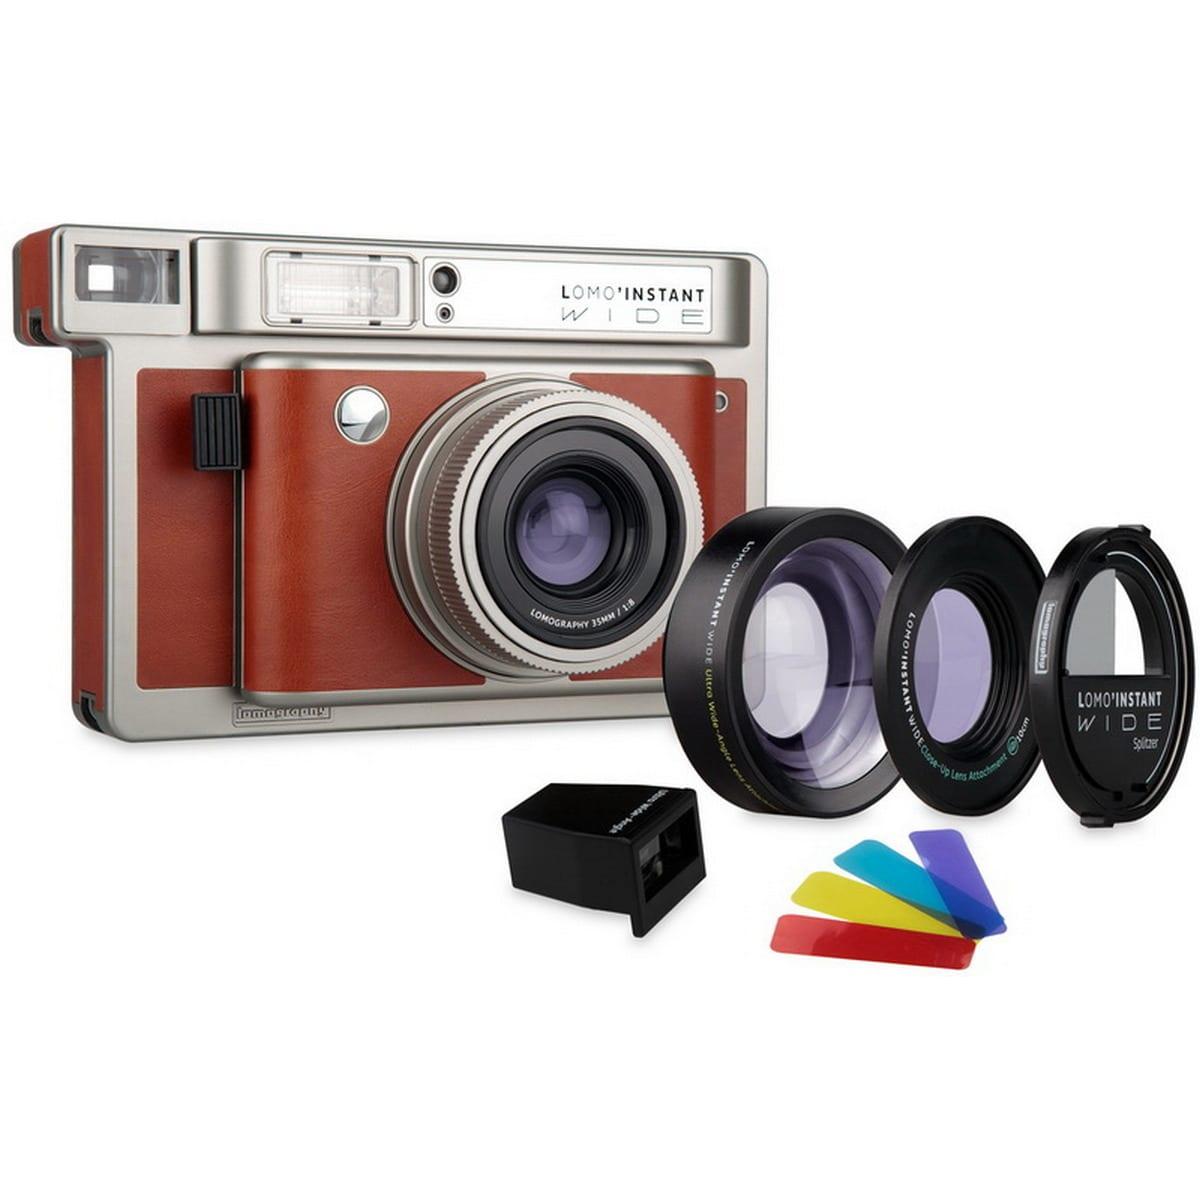 รีวิวกล้องโพลารอยด์, กล้องถ่ายรูปโพลาลอย